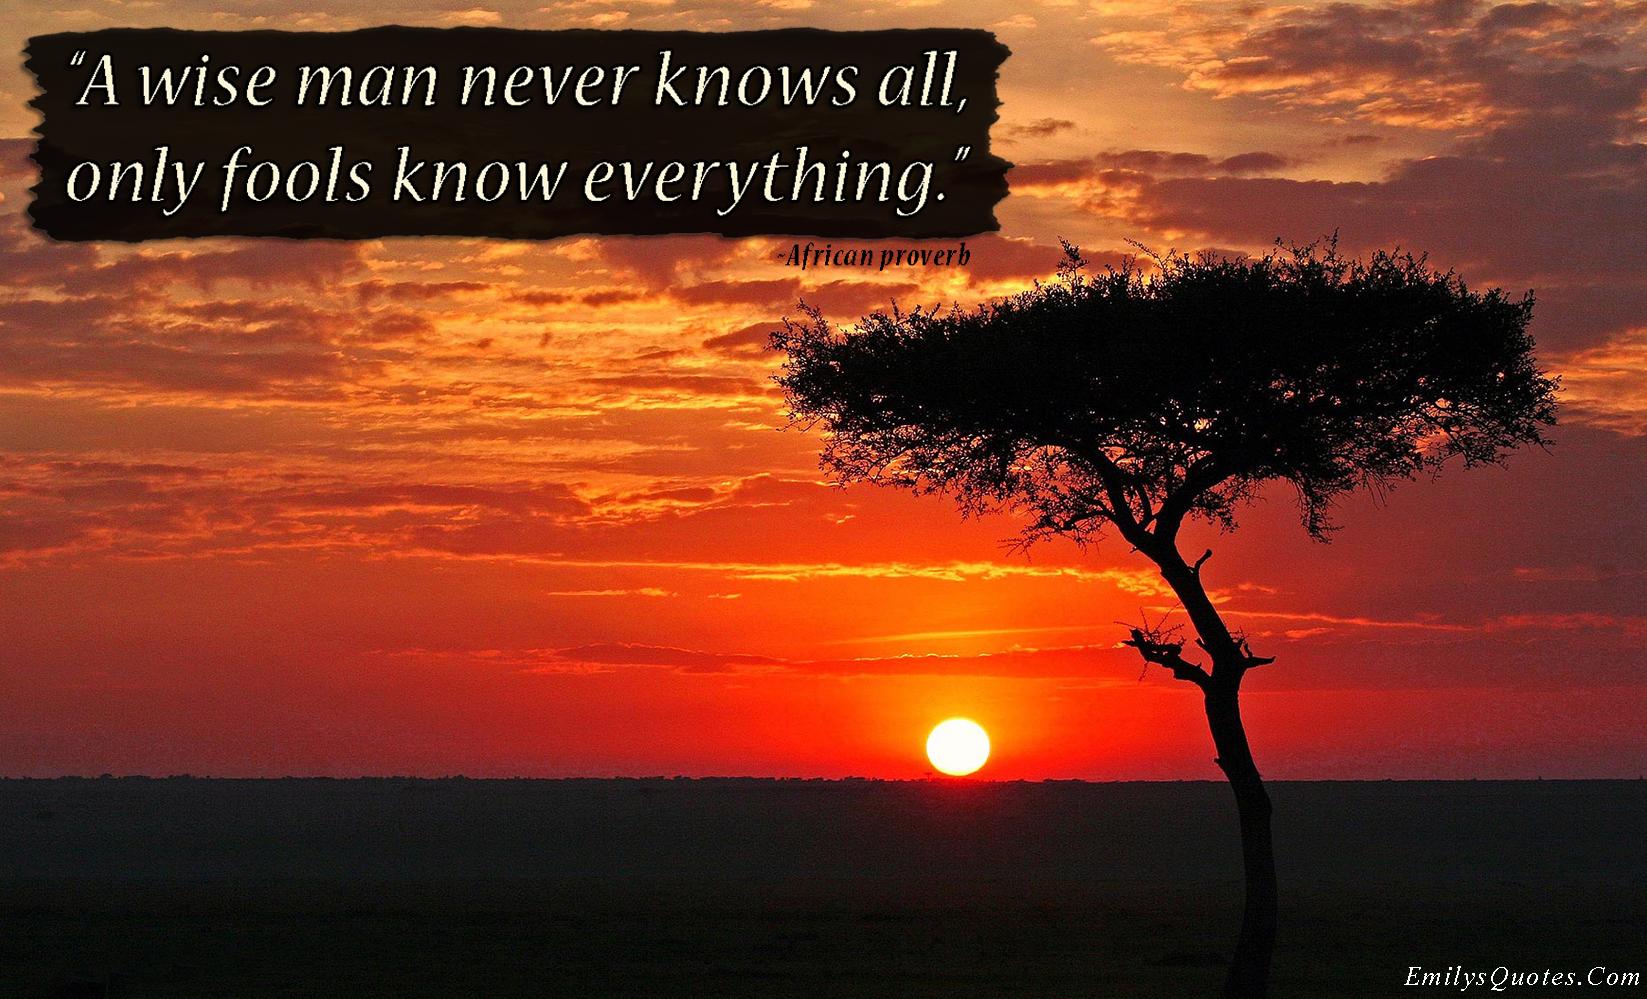 Un hombre sabio nunca sabe todo. Solo los necios lo saben todo.